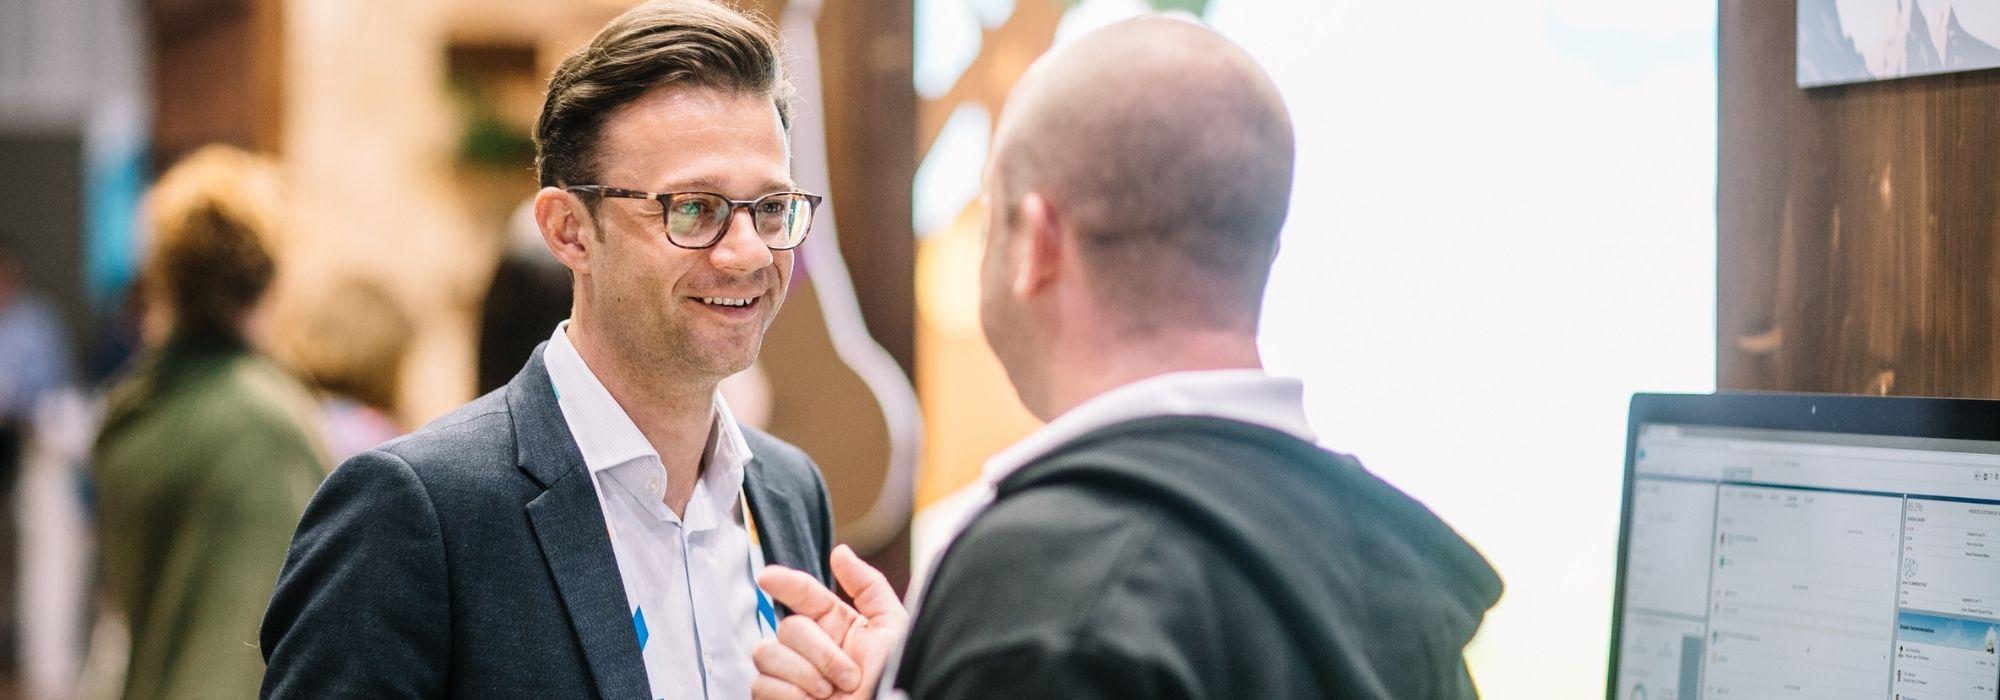 Partnerschaften - Zwei Männer im intensiven Gespräch